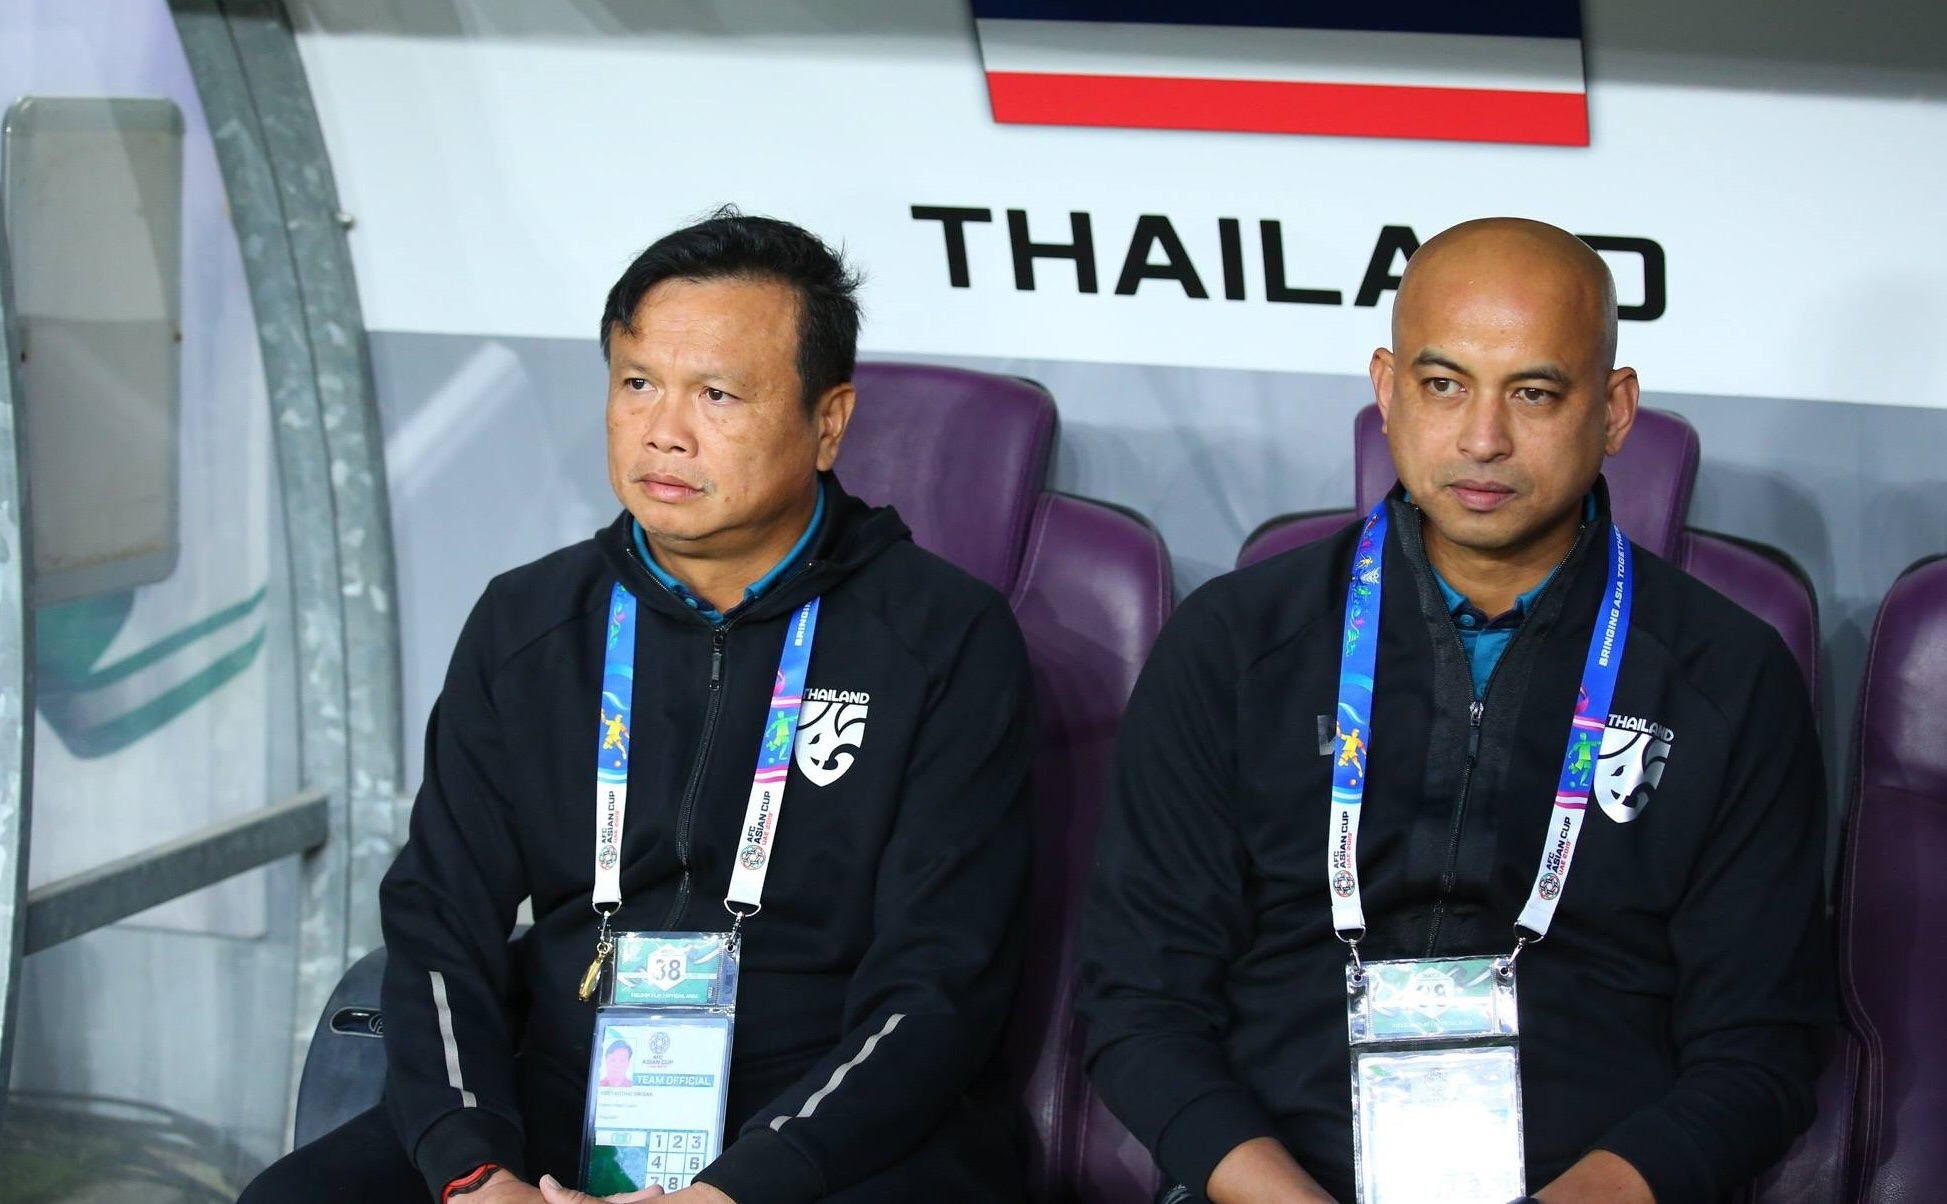 ศิริศักดิ์ ยอดญาติไทย สมาคมกีฬาฟุตบอลแห่งประเทศไทย โชคทวี พรหมรัตน์